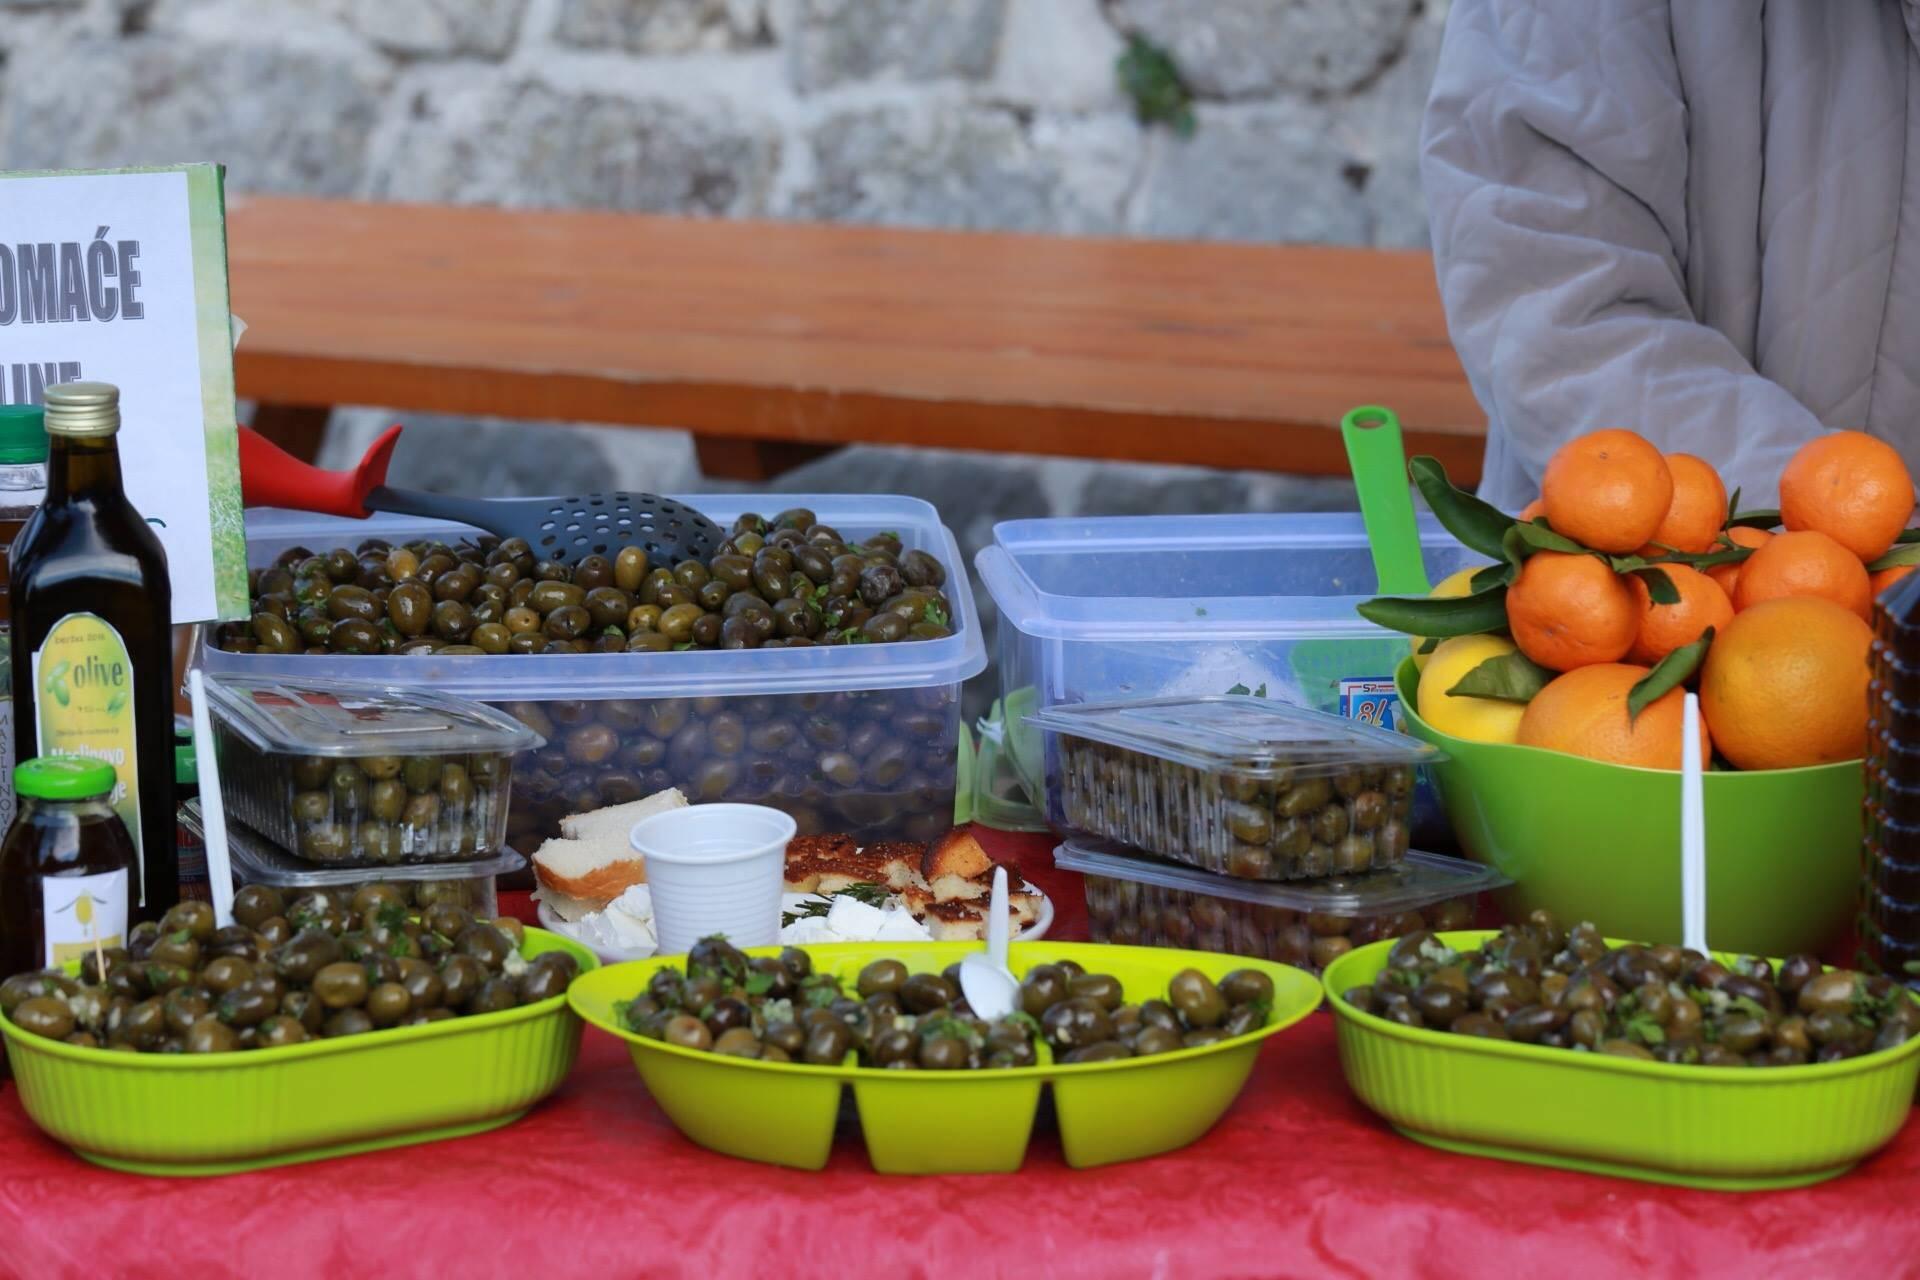 Что привезти из черногории в подарок (23 фото): еда, косметика, одежда и национальный колорит